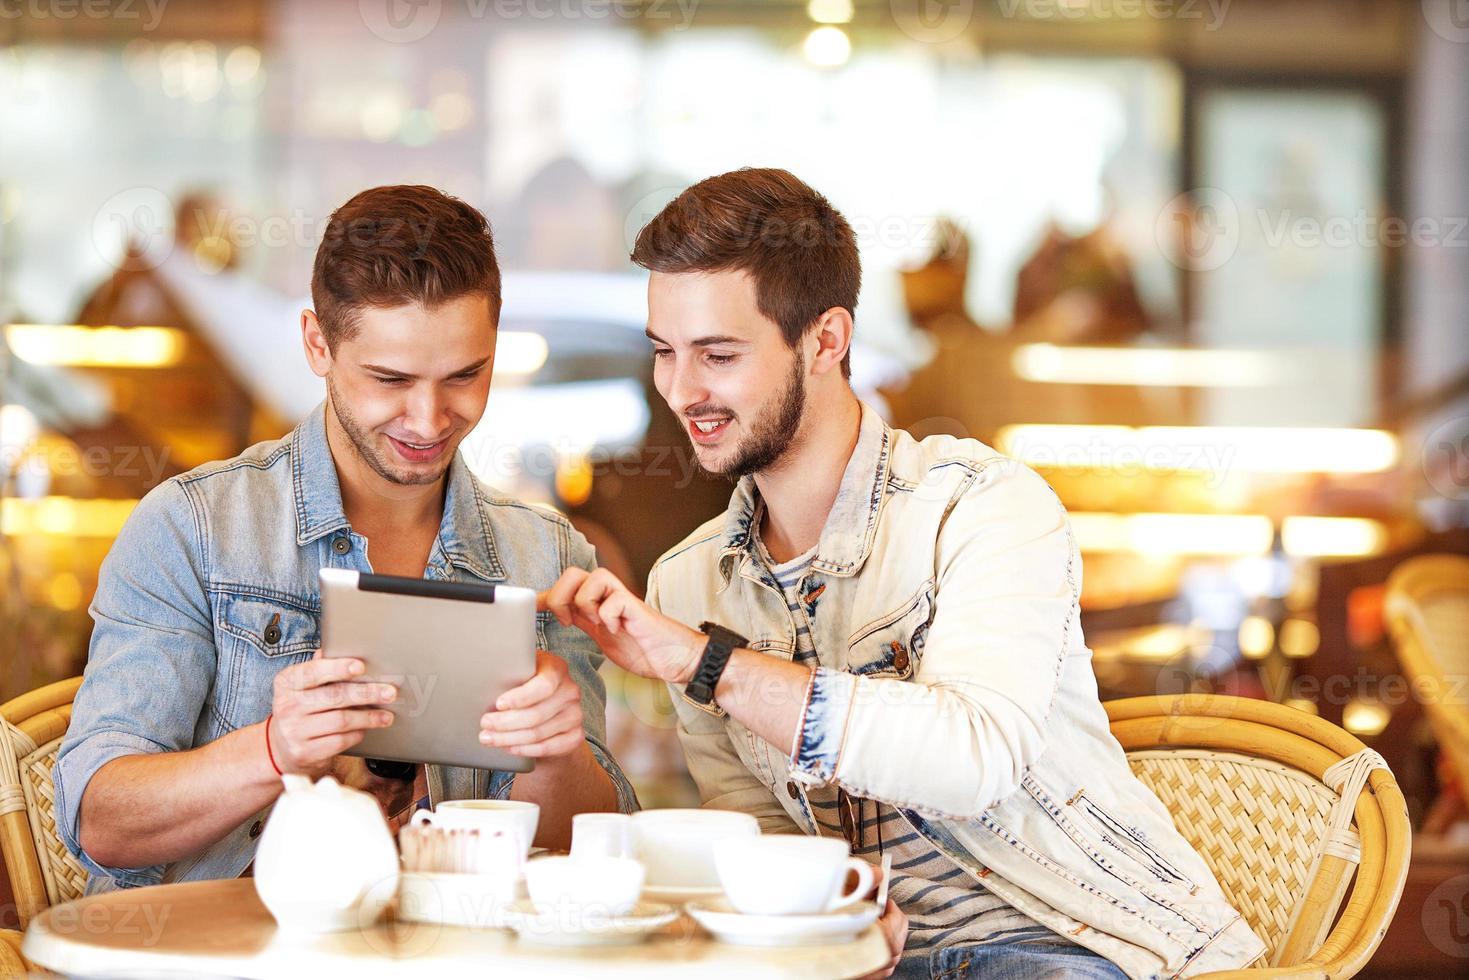 zwei junge Männer / Studenten mit Tablet-Computer im Café foto